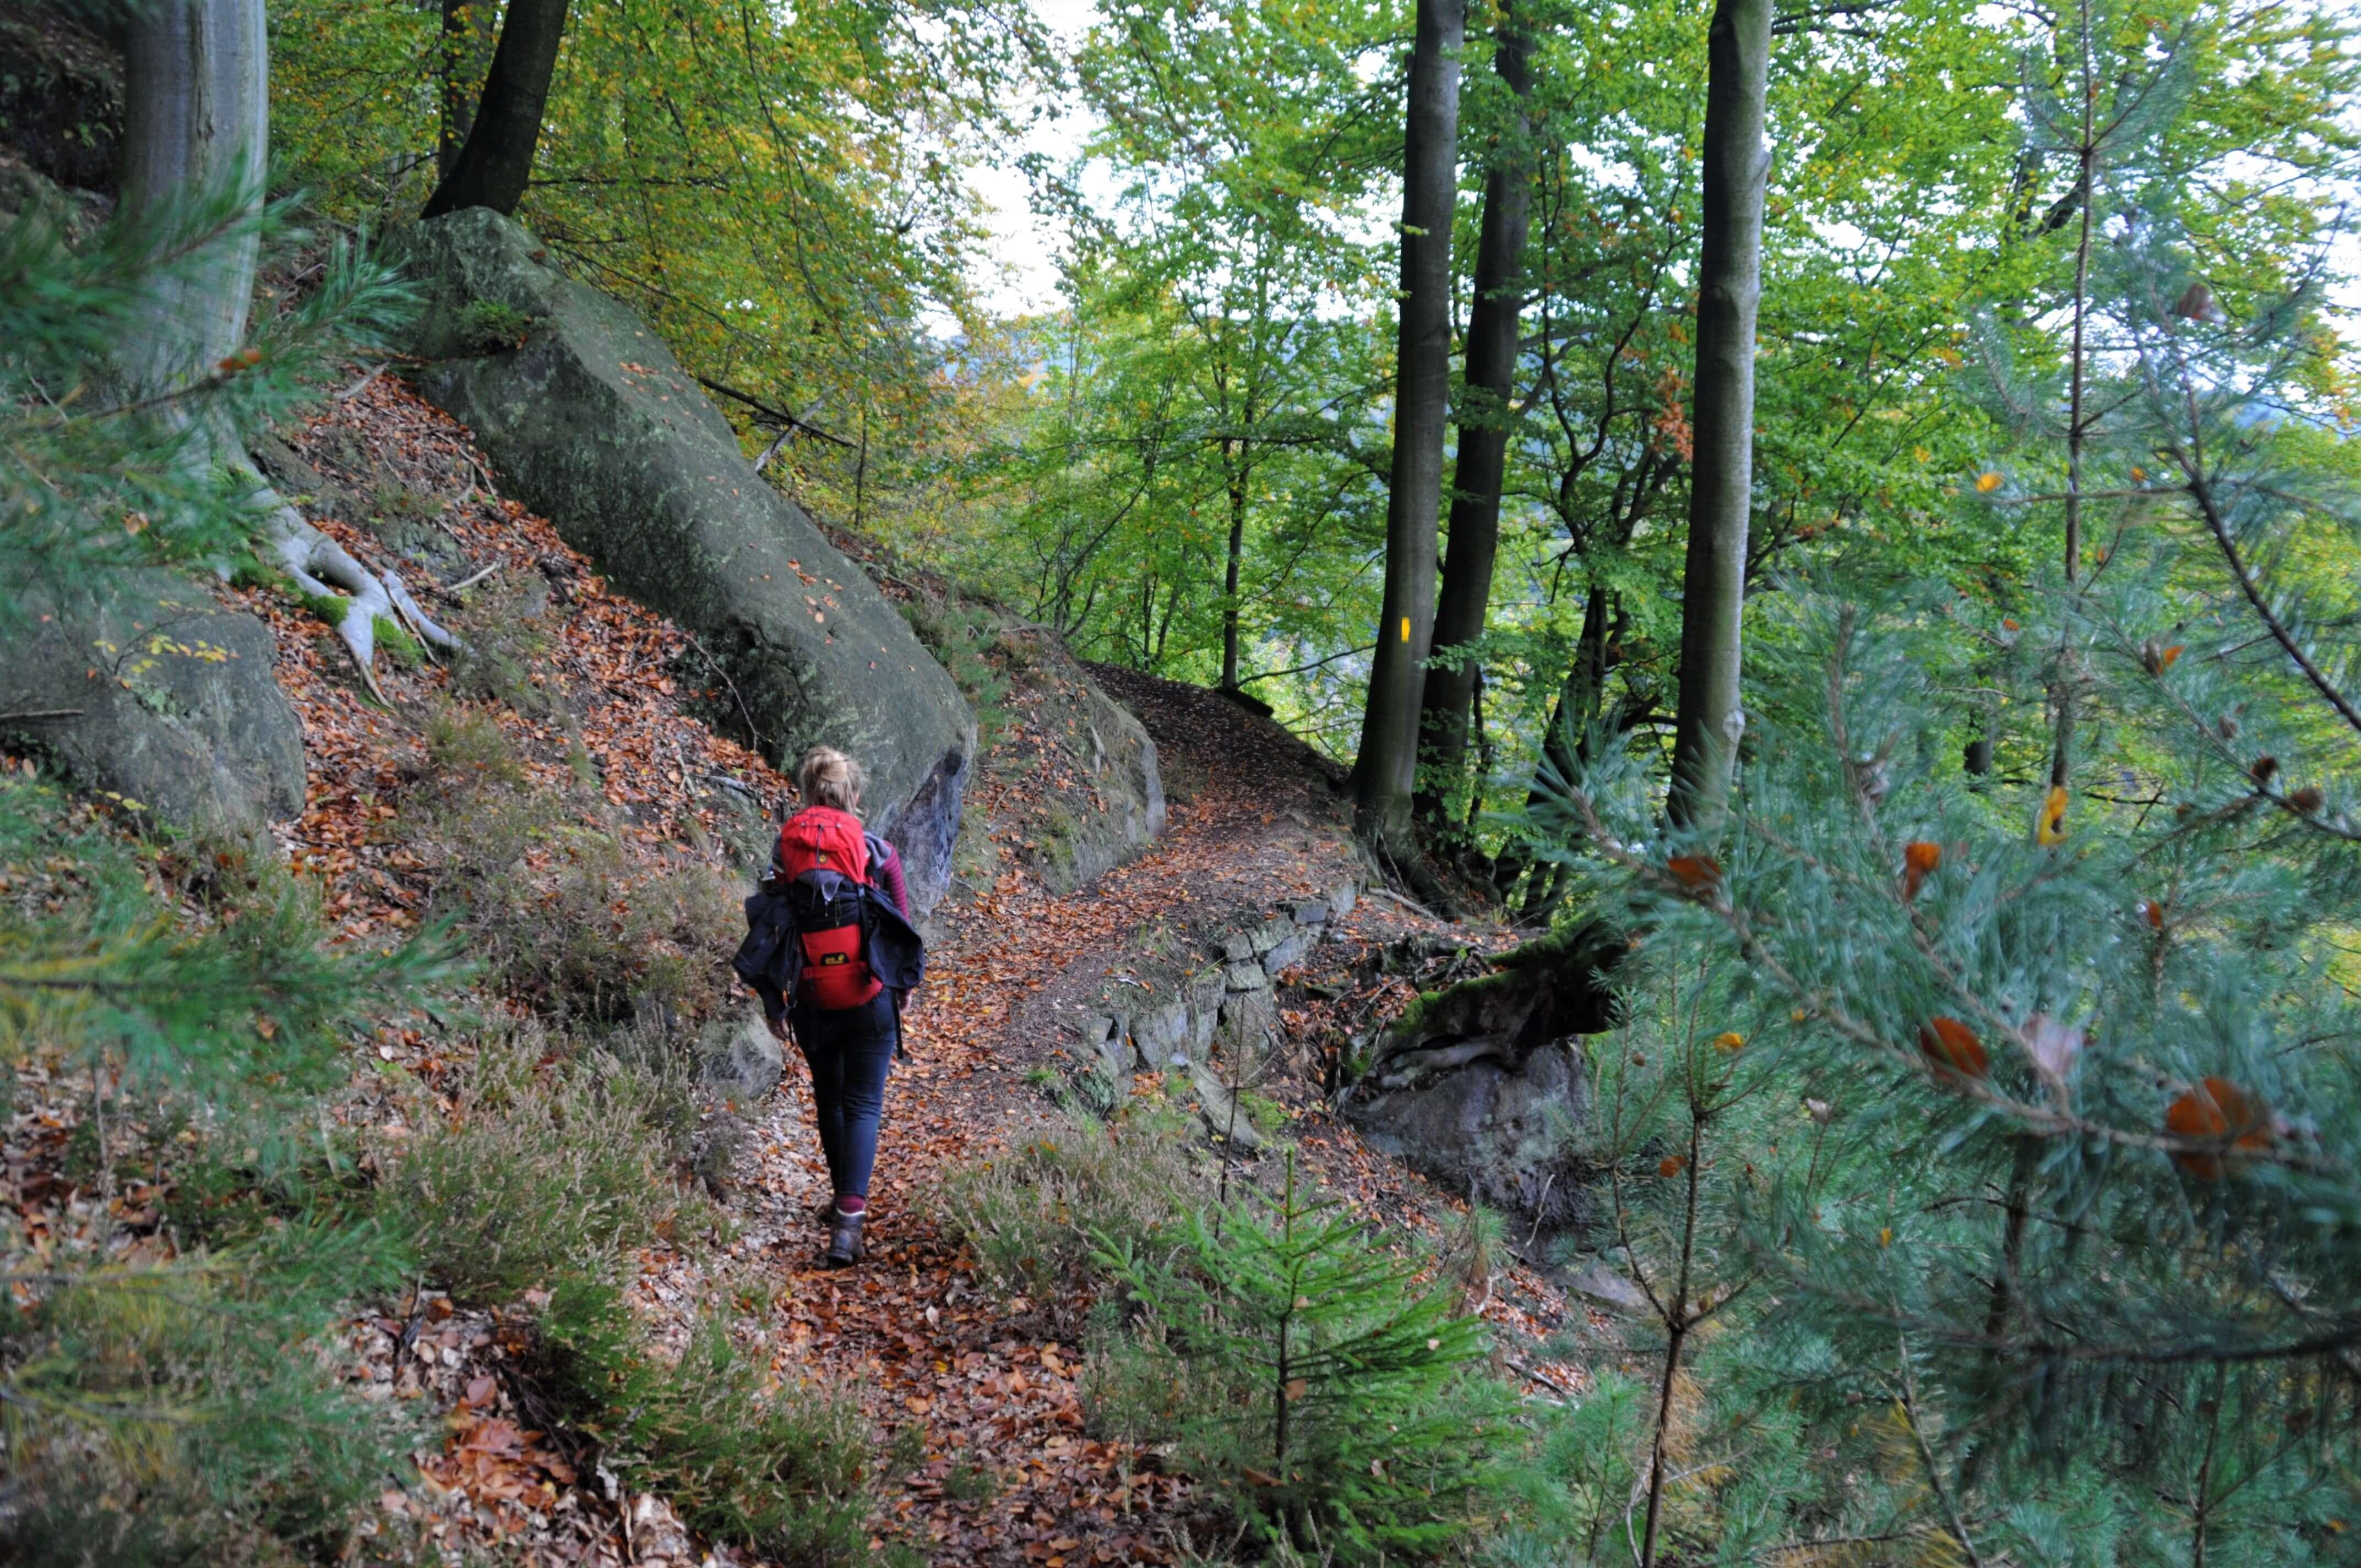 Wandern auf dem Forststeig im Elbsandsteingebirge